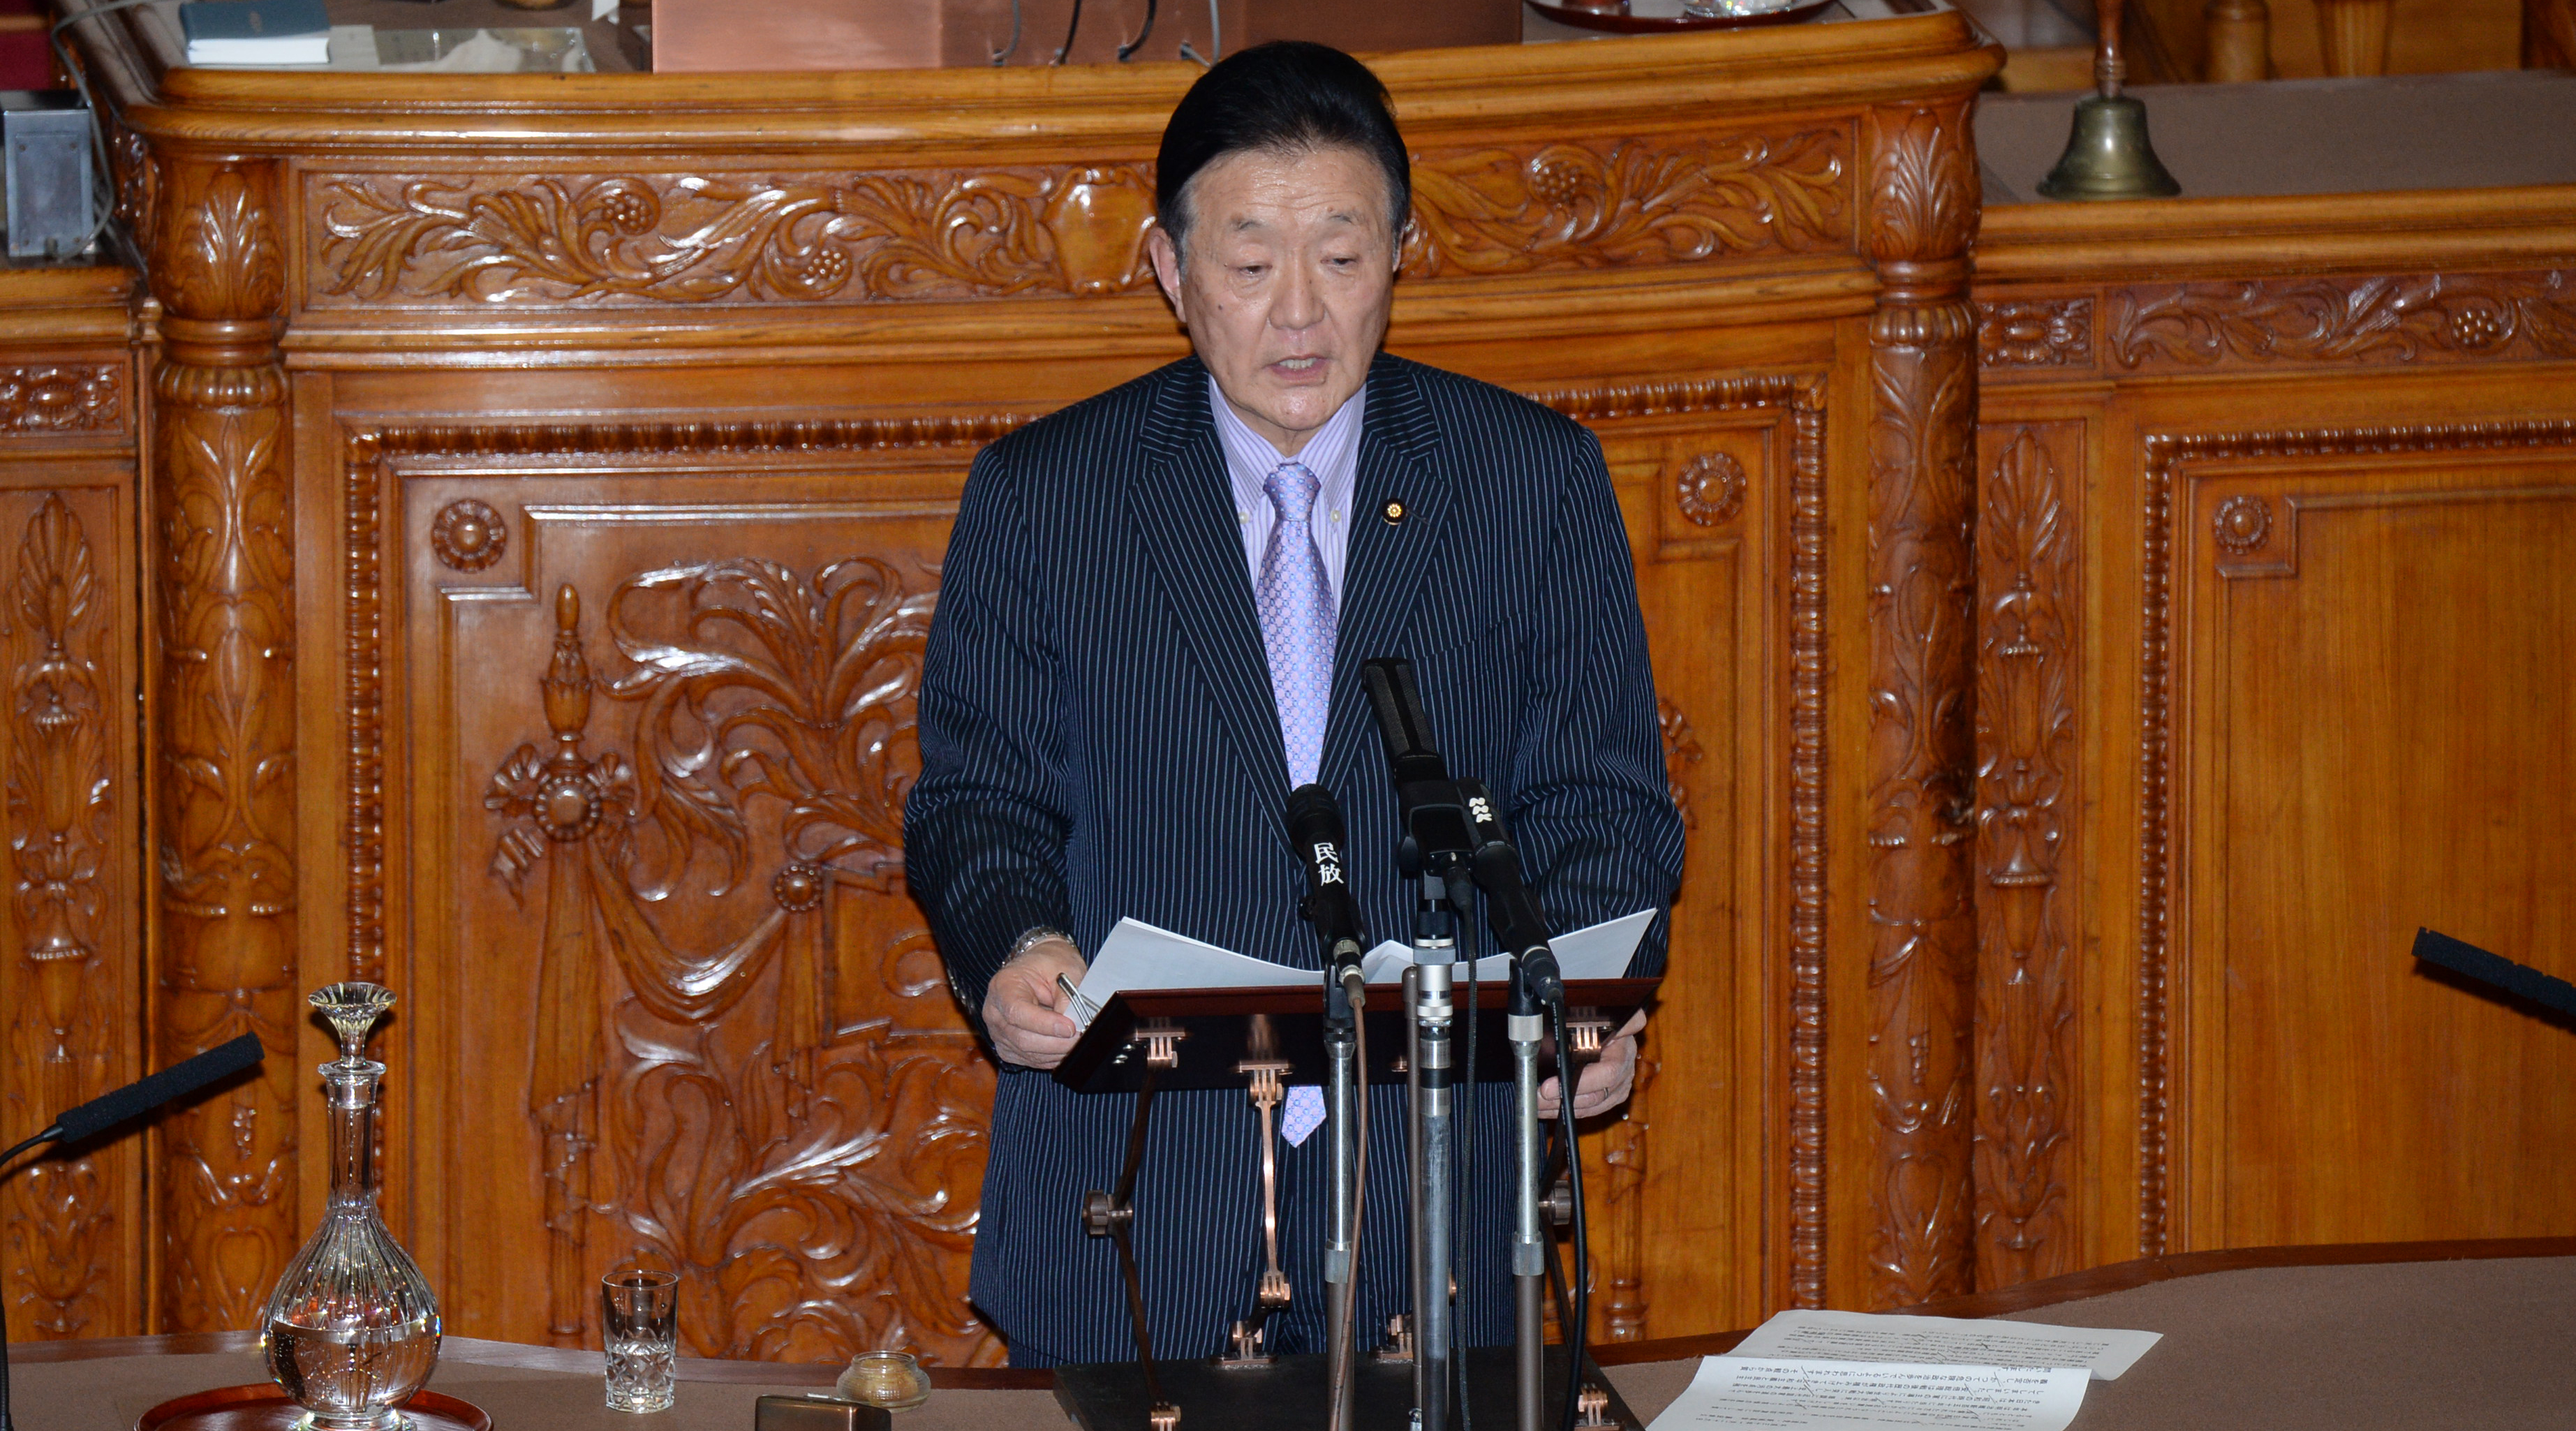 【民進党ニュース】参院本会議 藤田幸久議員が外交問題を中心に代表質問